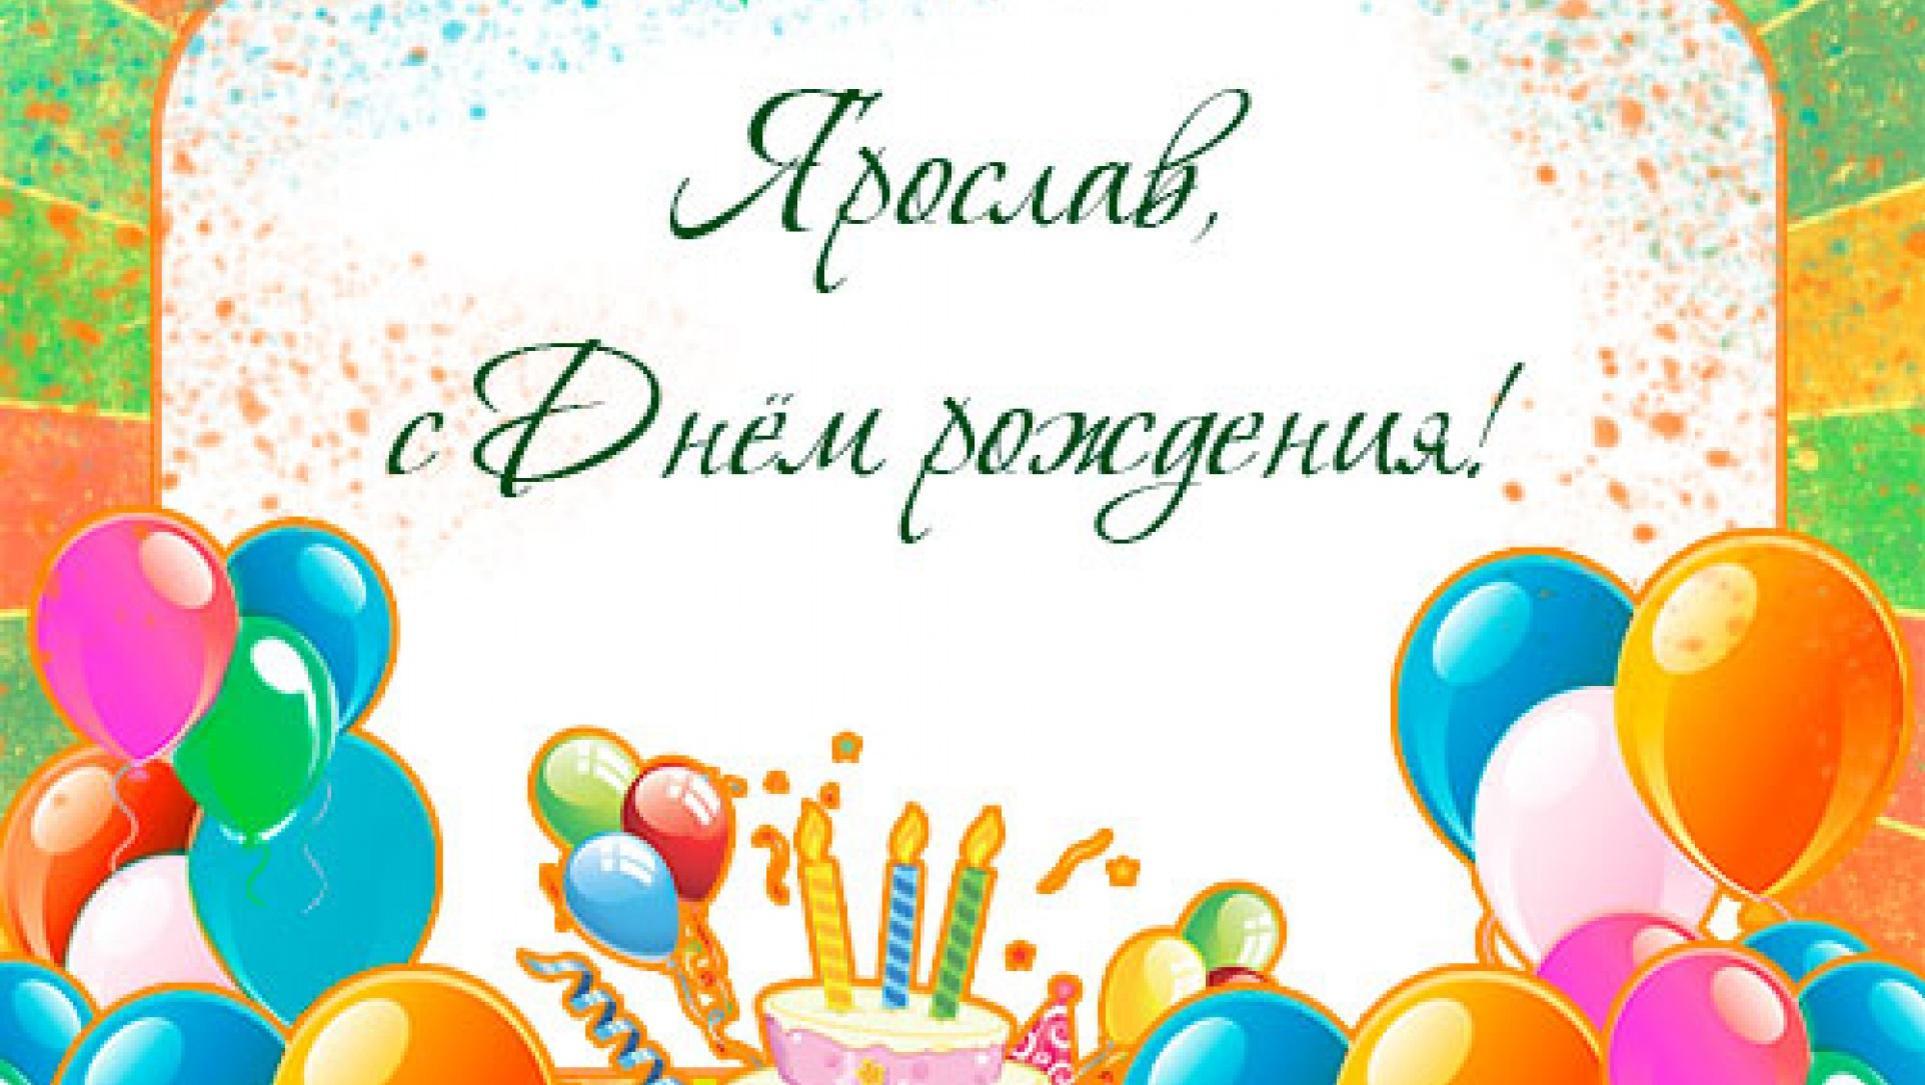 Ярослав день рождения картинки, сестре